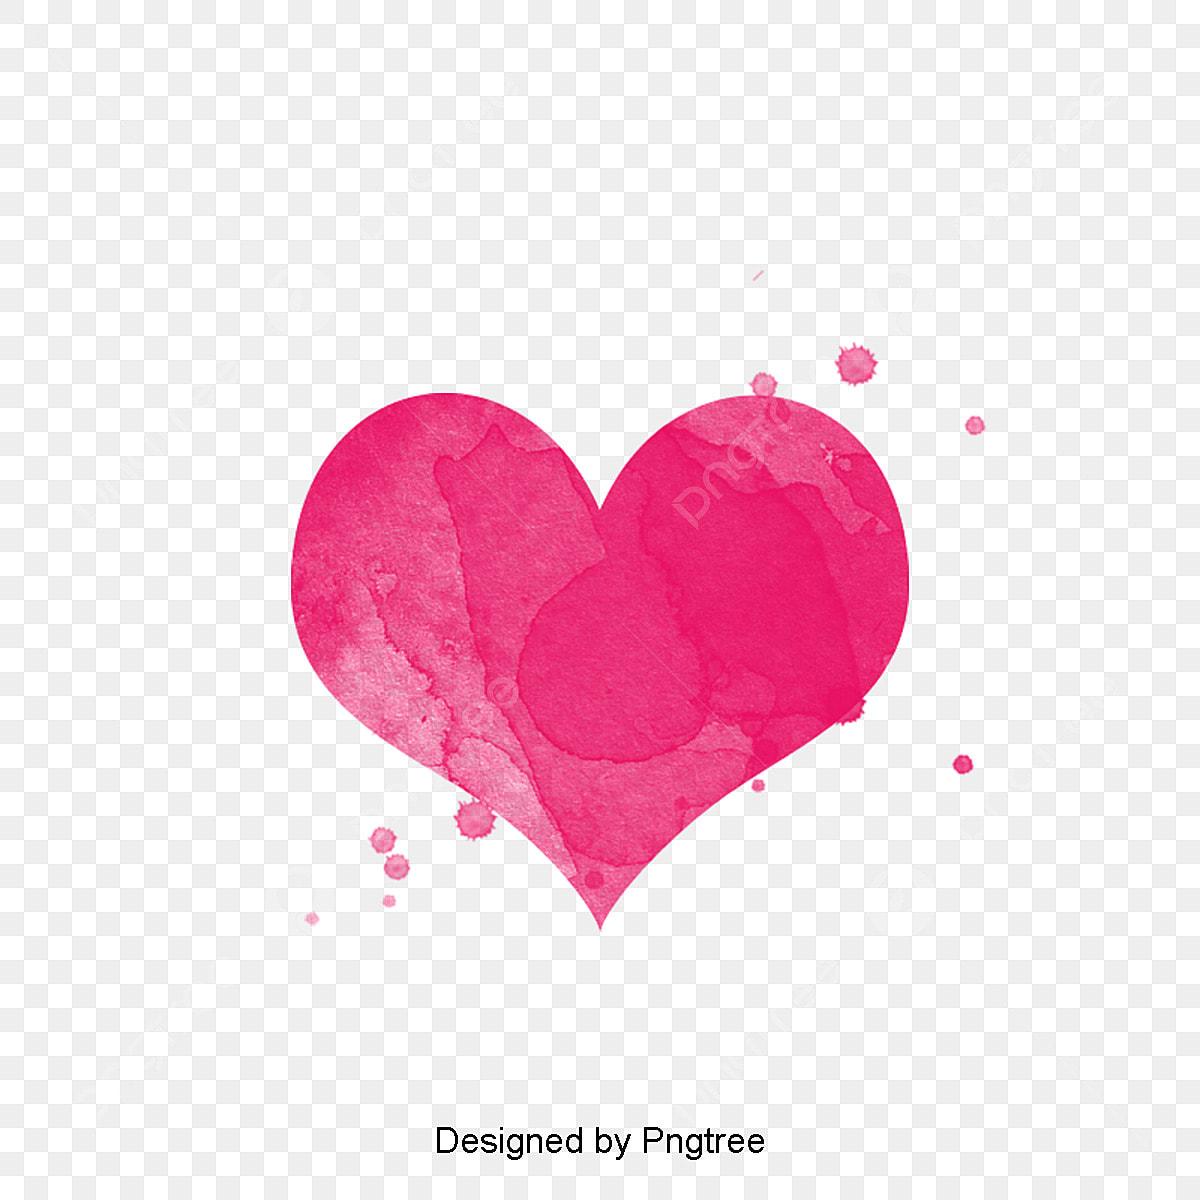 水彩手描きハート素材図 ハート型 ピンク水彩画 手描き画像とpsd